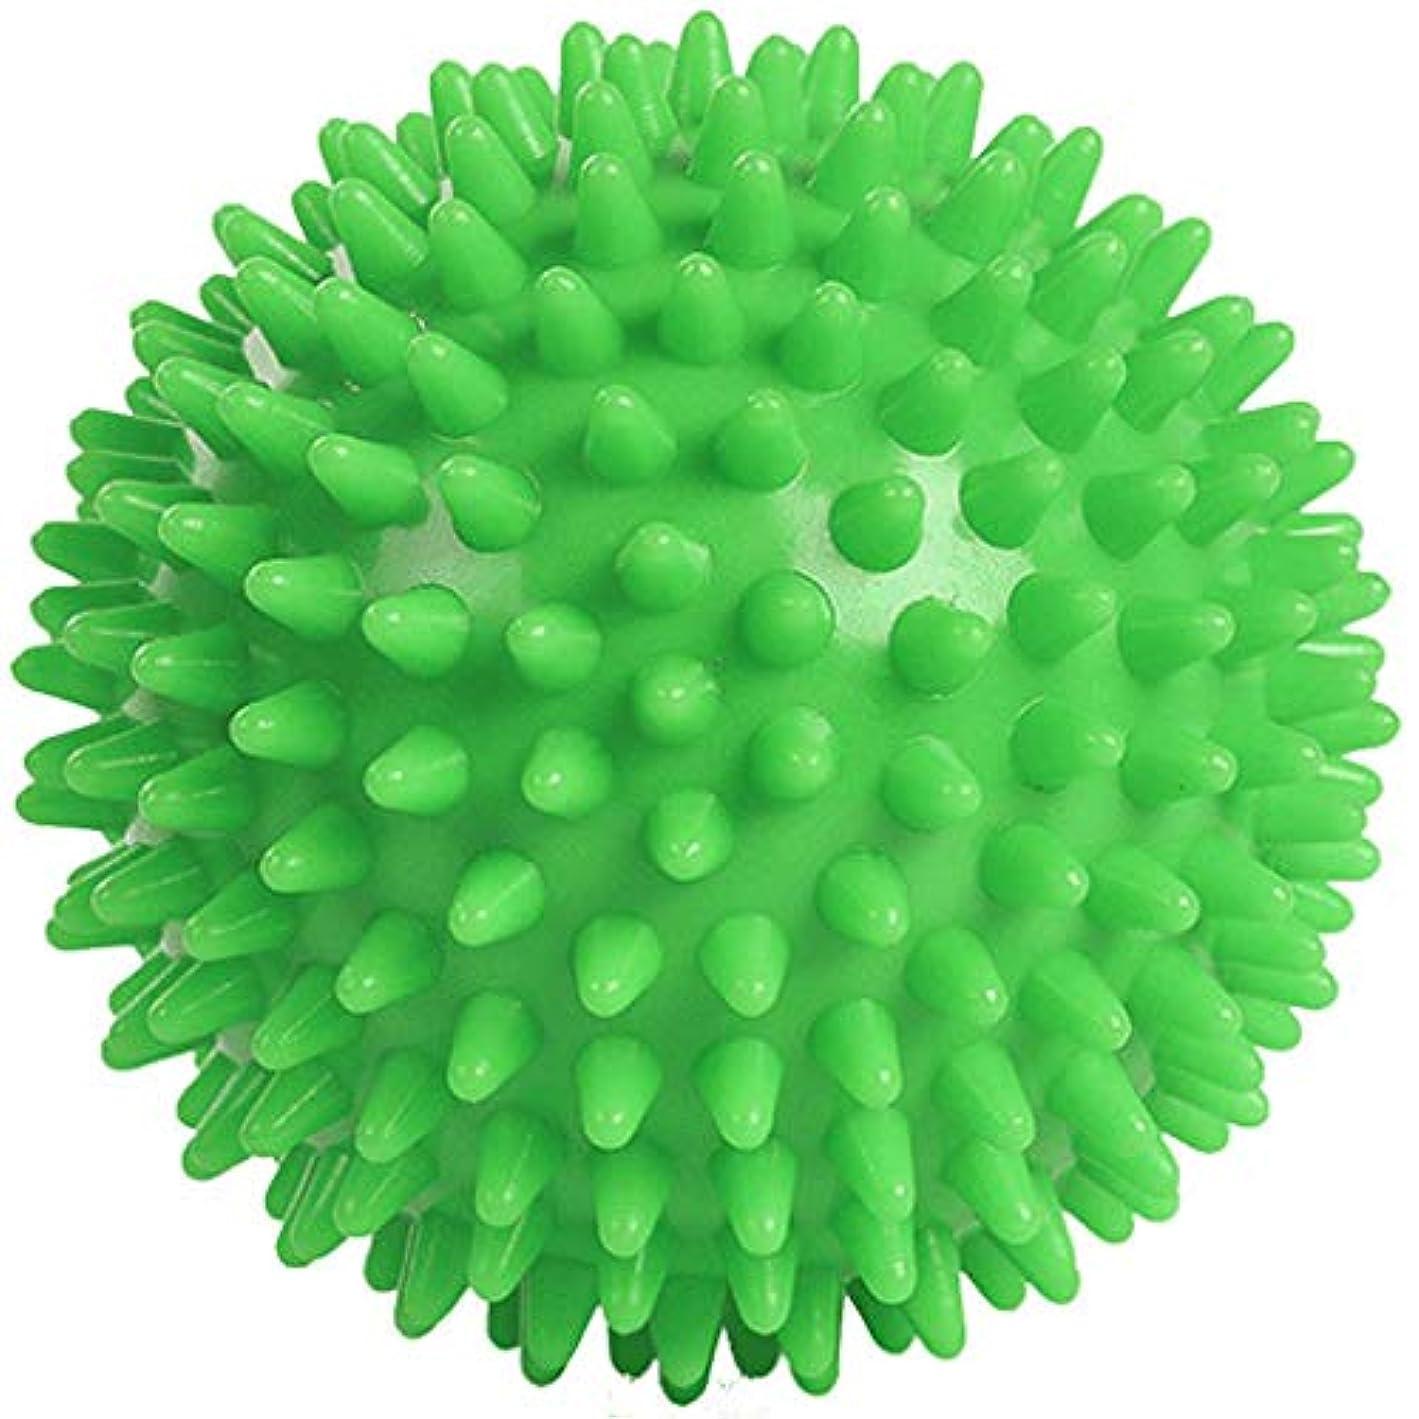 Arichops リフレックスボール 触覚ボール 足裏手 背中のマッサージボール リハビリ マッサージ用 血液循環促進 筋肉緊張 圧迫で解きほぐす